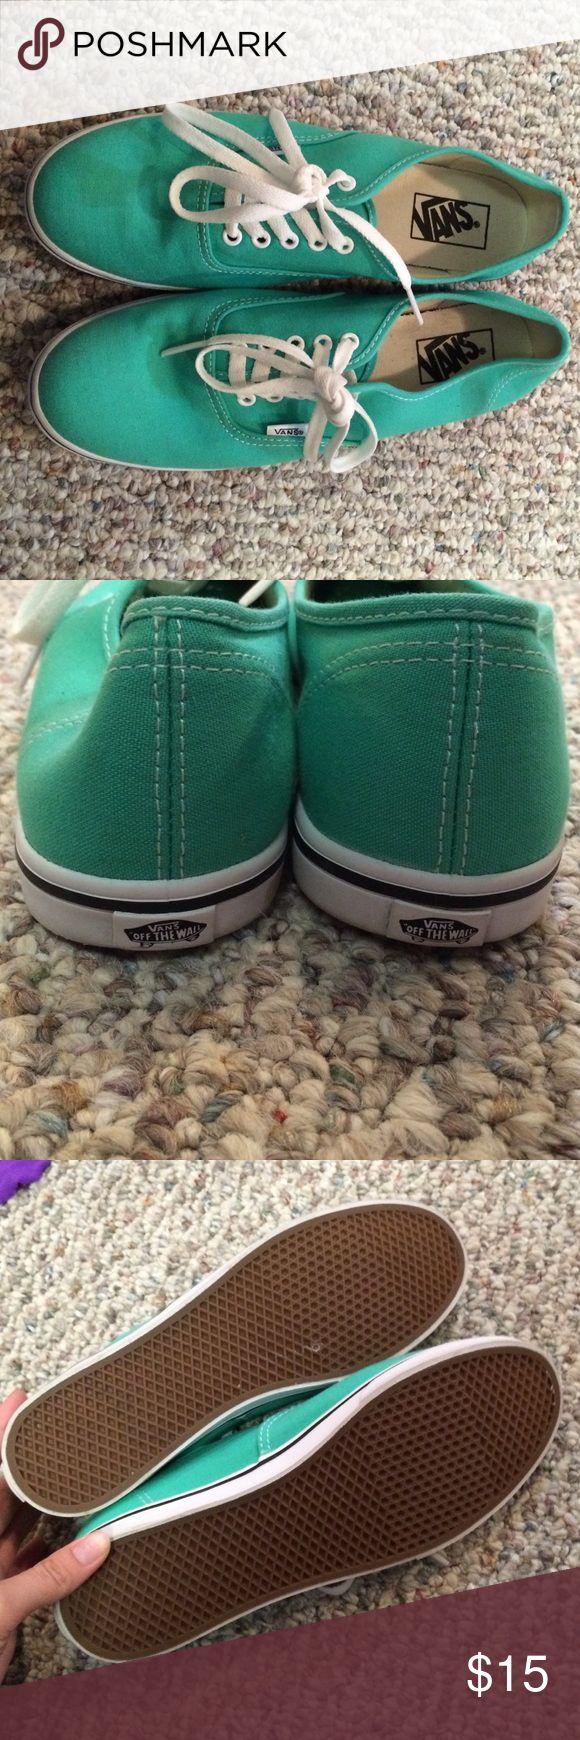 Size 9 mint green vans Never worn brand new Vans Shoes Sneakers